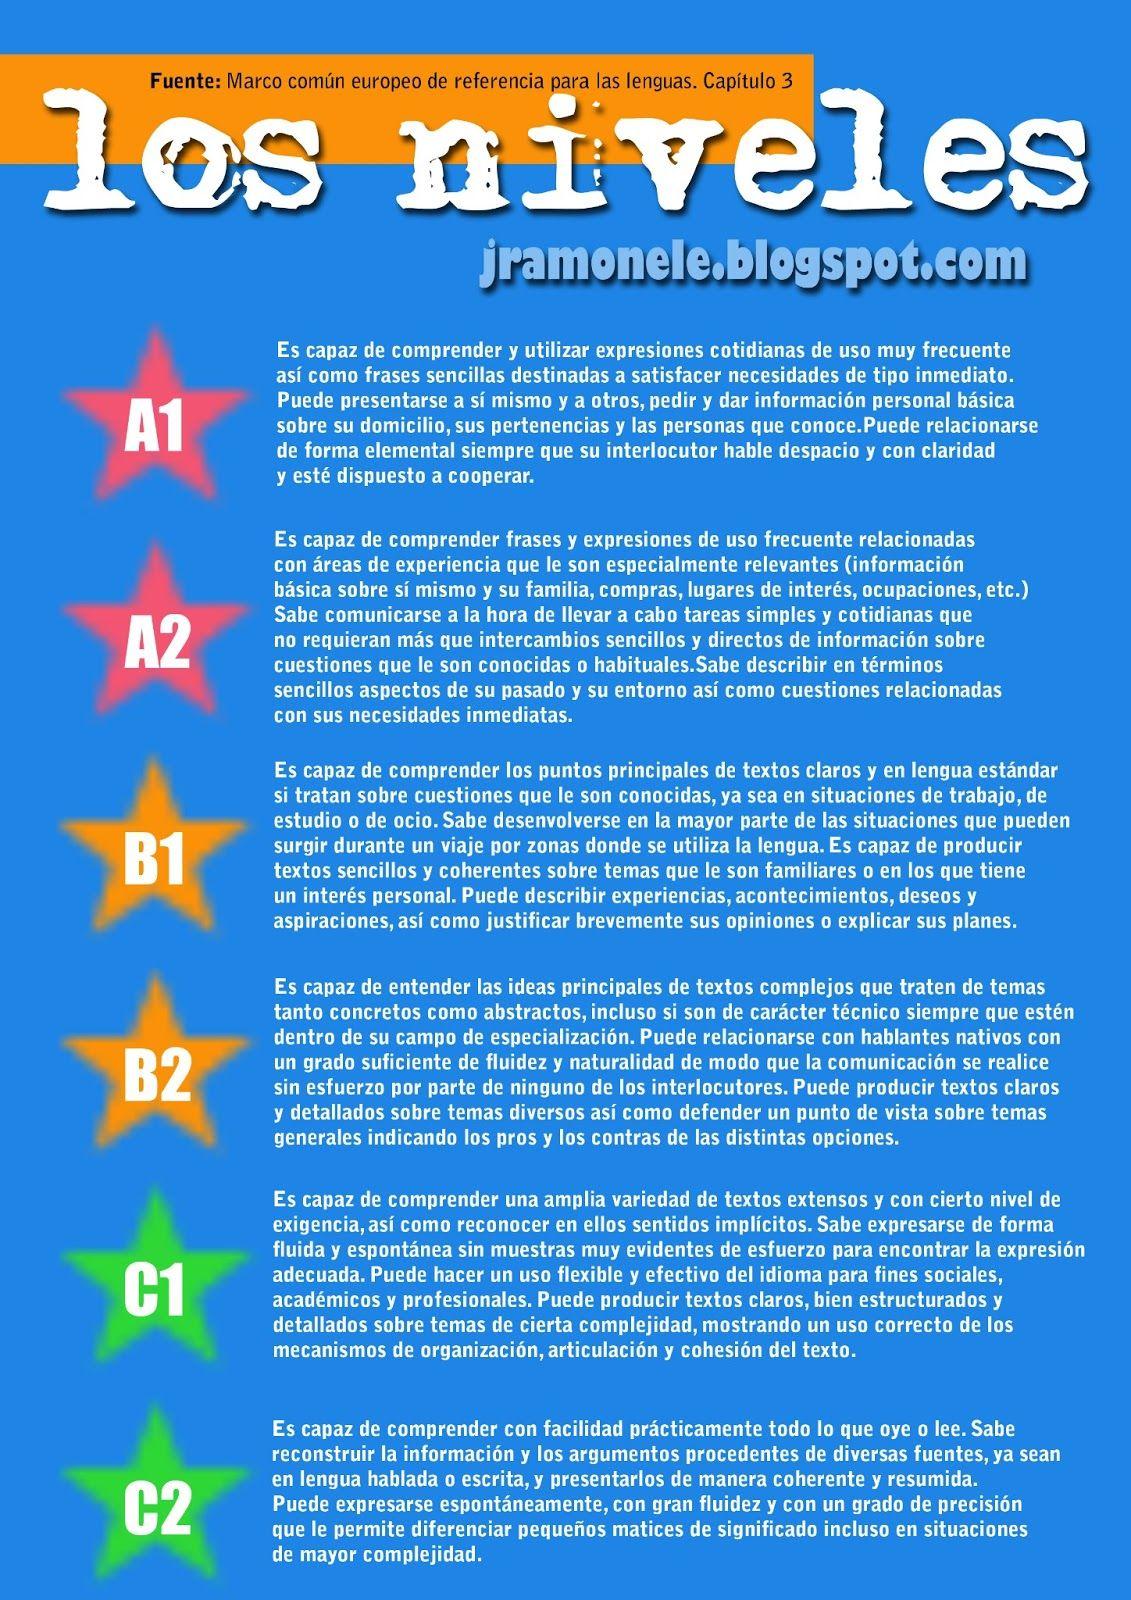 marco común europeo de referencia para las lenguas | ¡Enseño ...